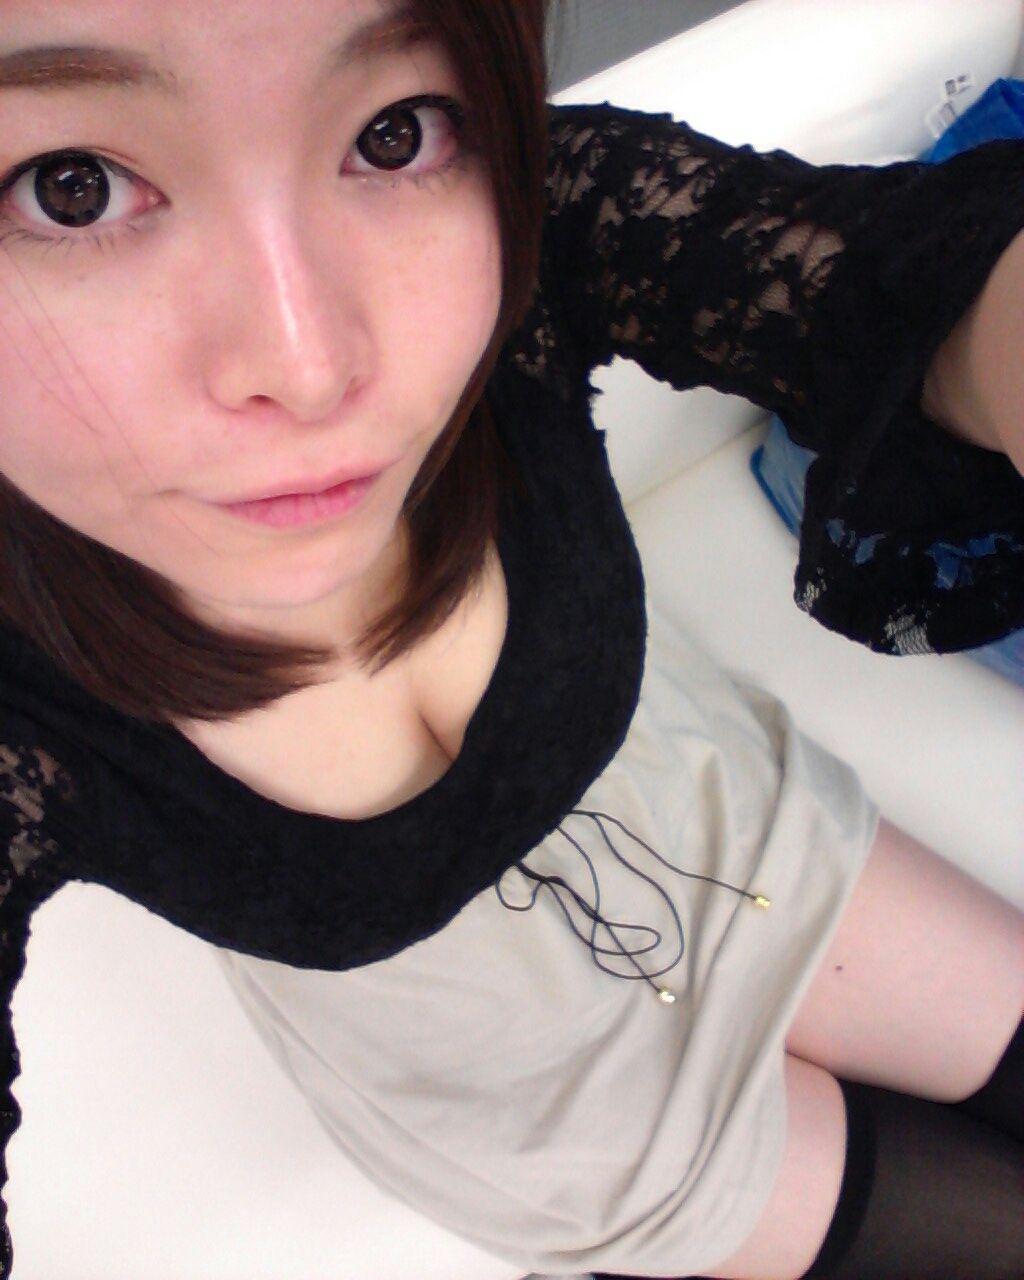 緒川凛 画像 55